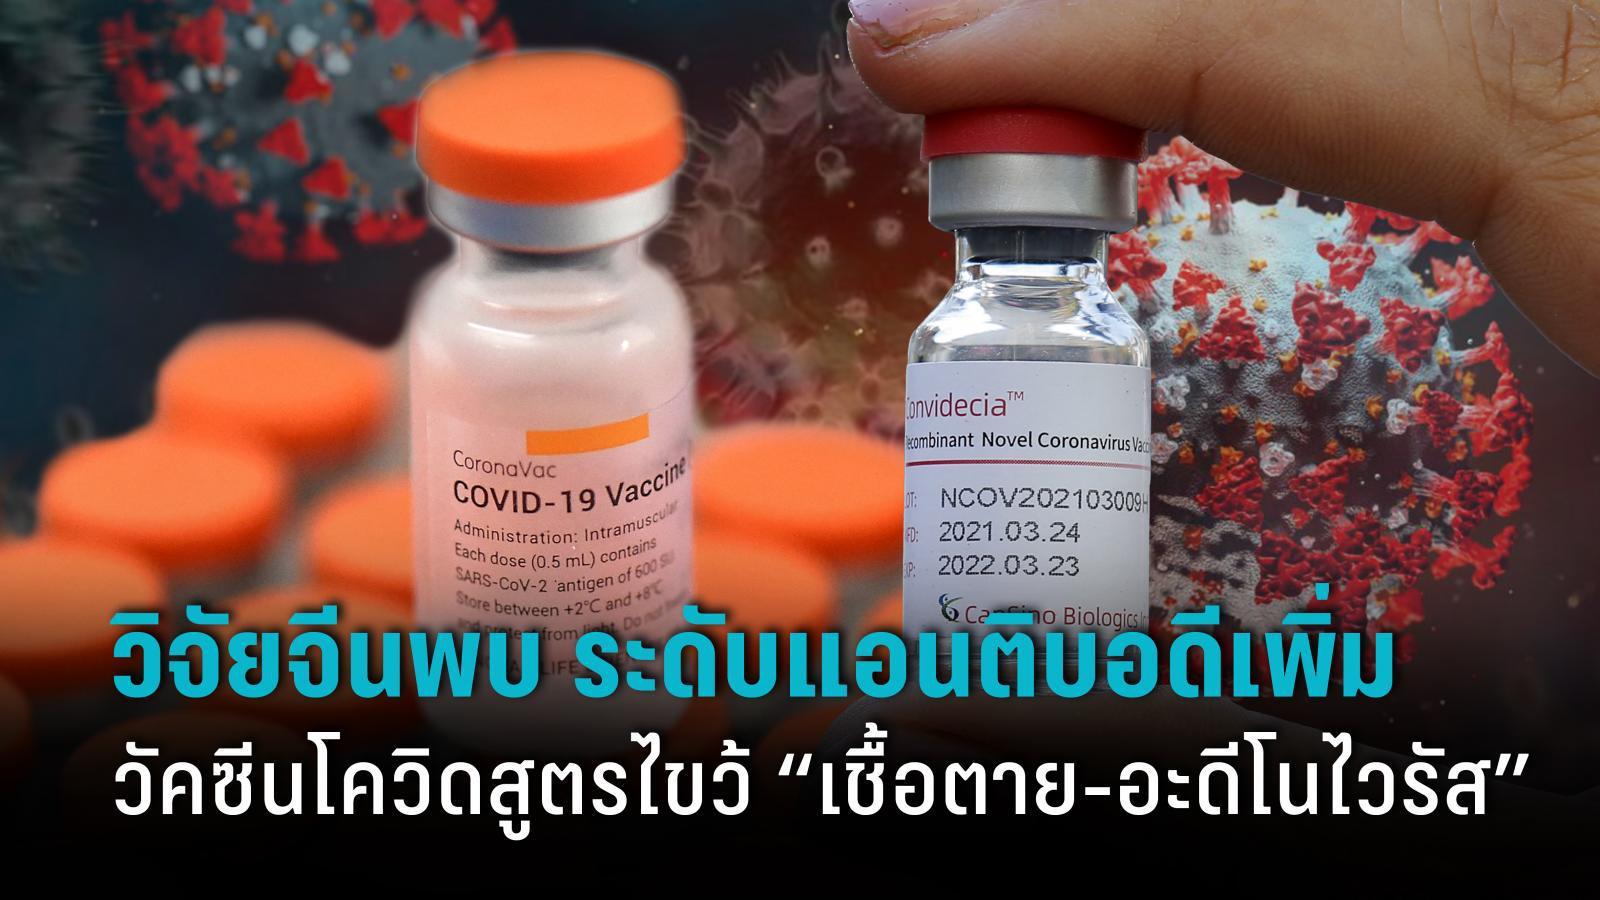 """ผลศึกษาวัคซีนโควิด-19 สูตรไขว้ """"เชื้อตาย-อะดีโนไวรัส"""" จากจีน"""